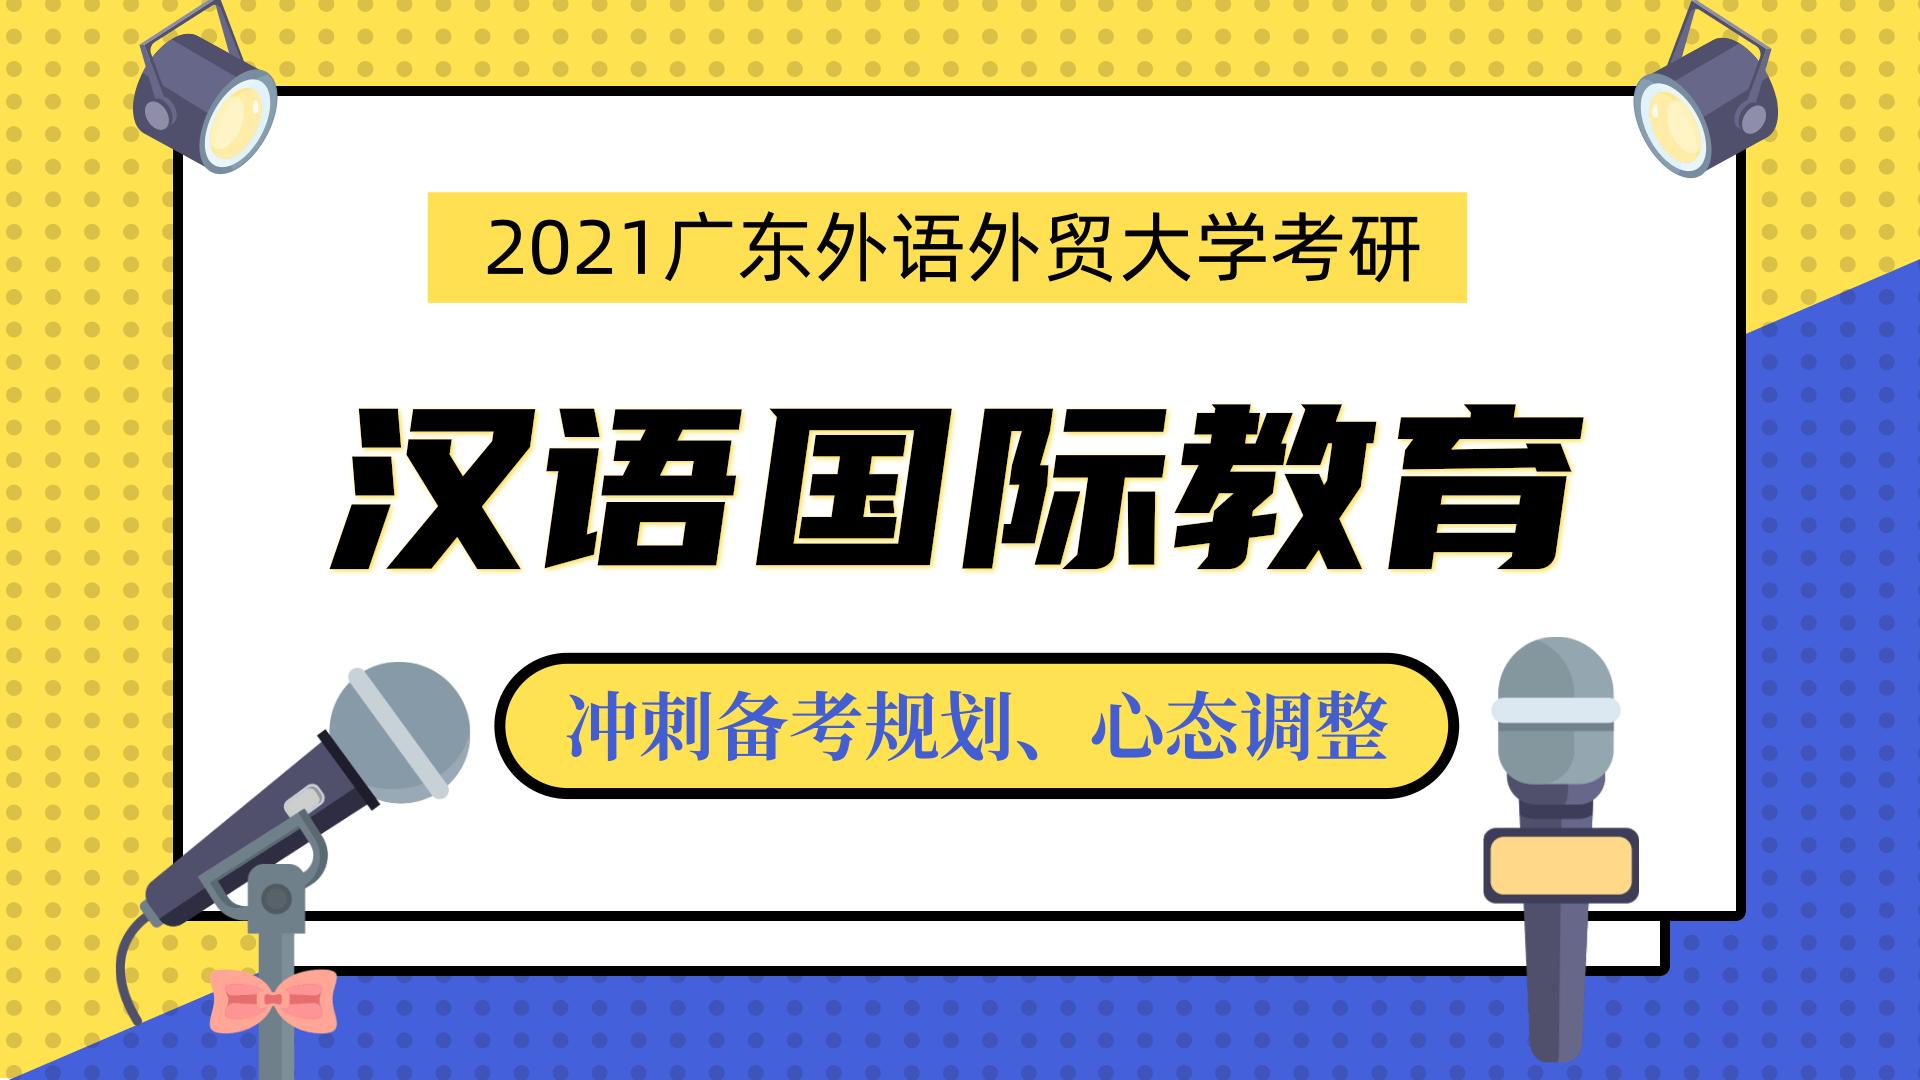 2021广东外语外贸大学汉语国际教育广外考研十月答疑会